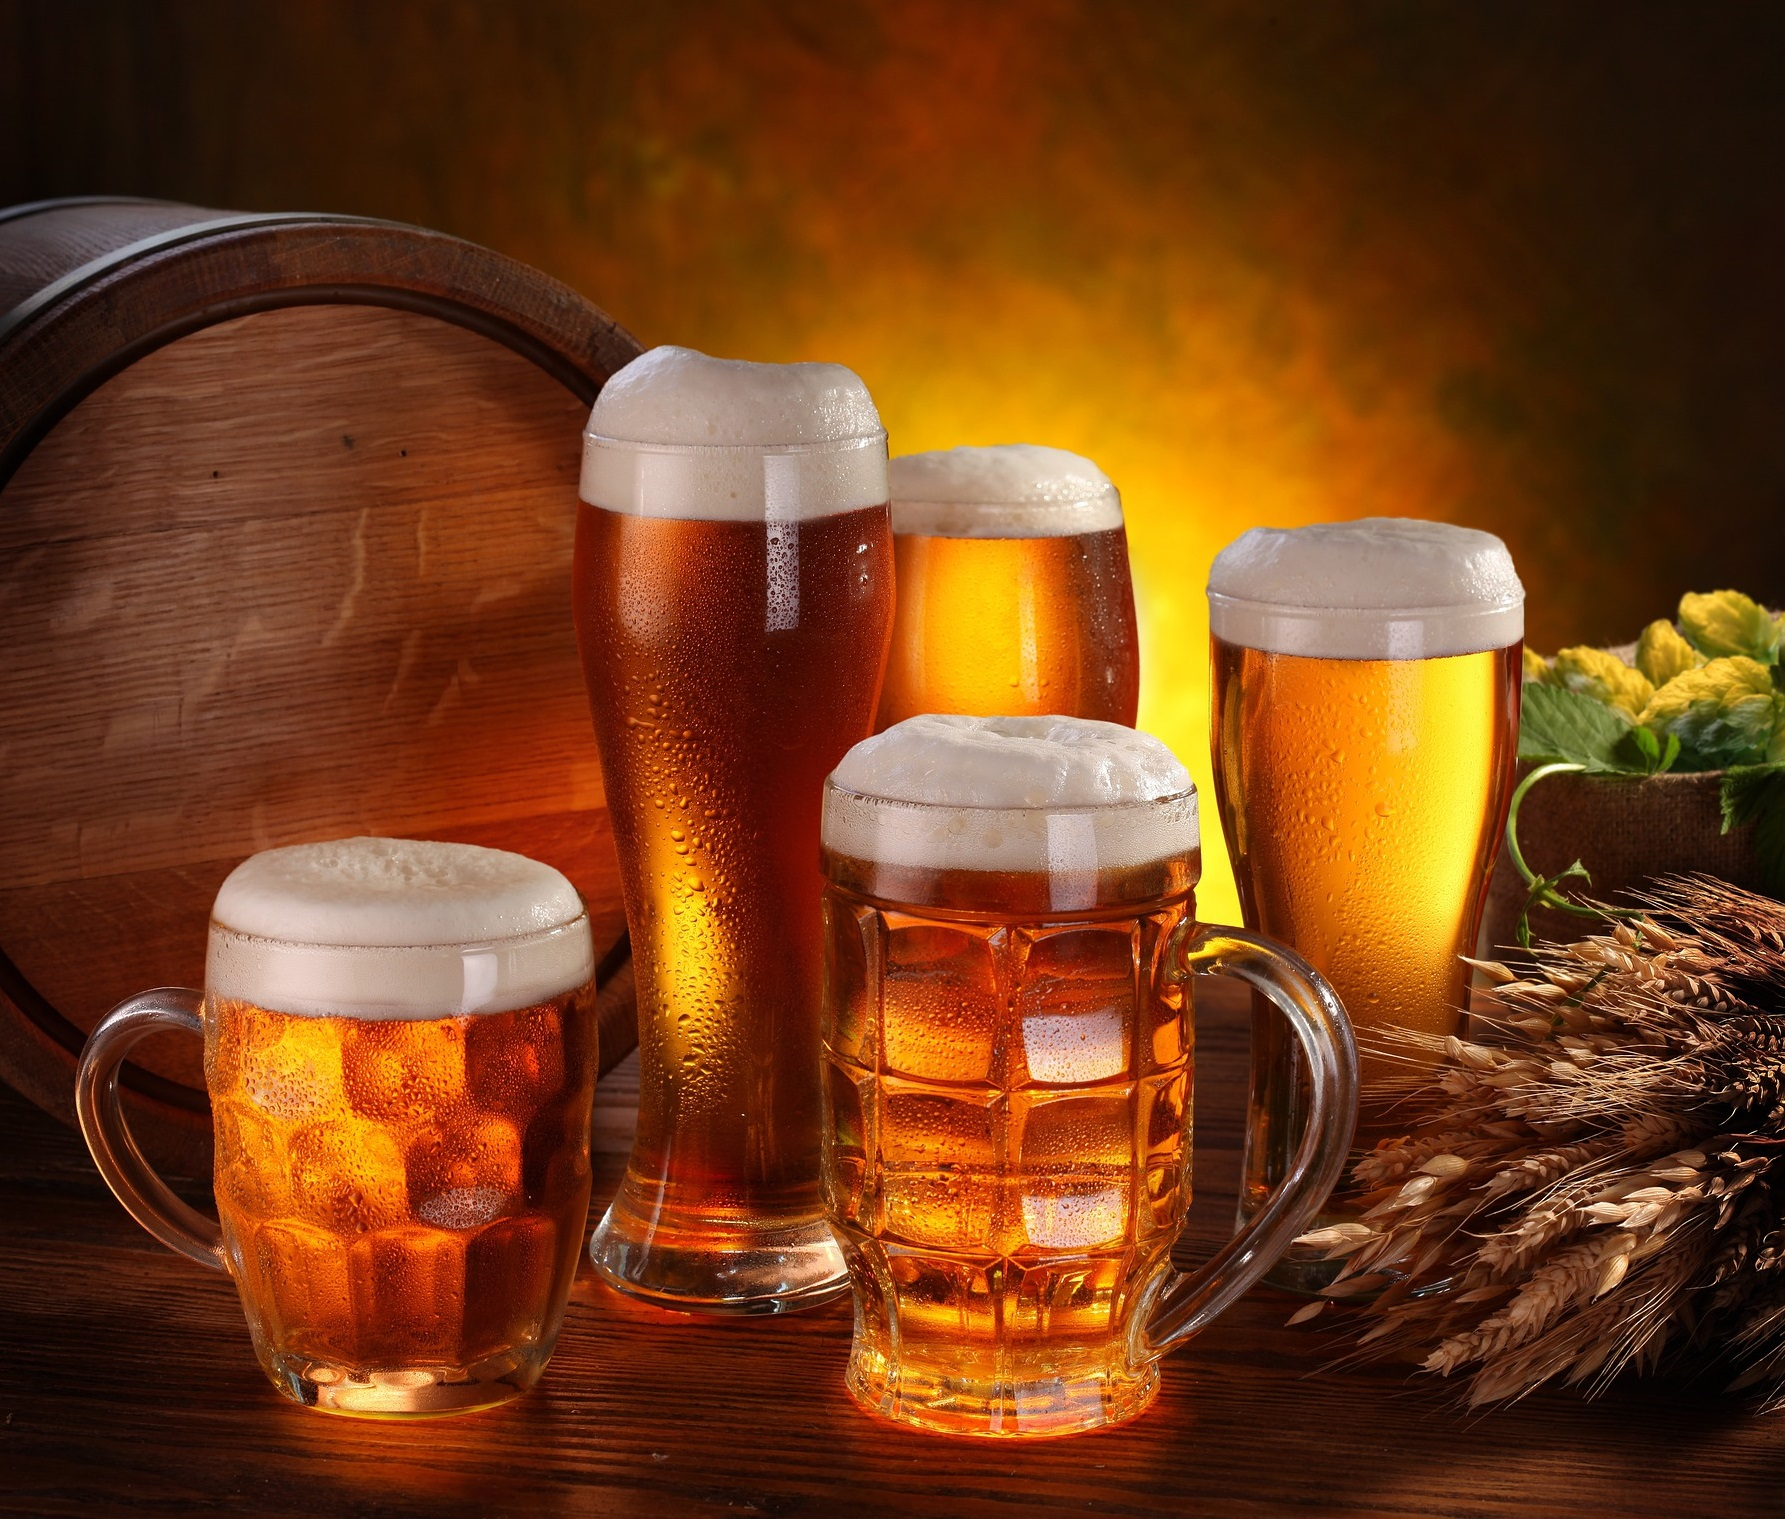 Зміни акцизного оподаткування пива може спричинити кризу галузі та втрати бюджету — «Укрпиво»